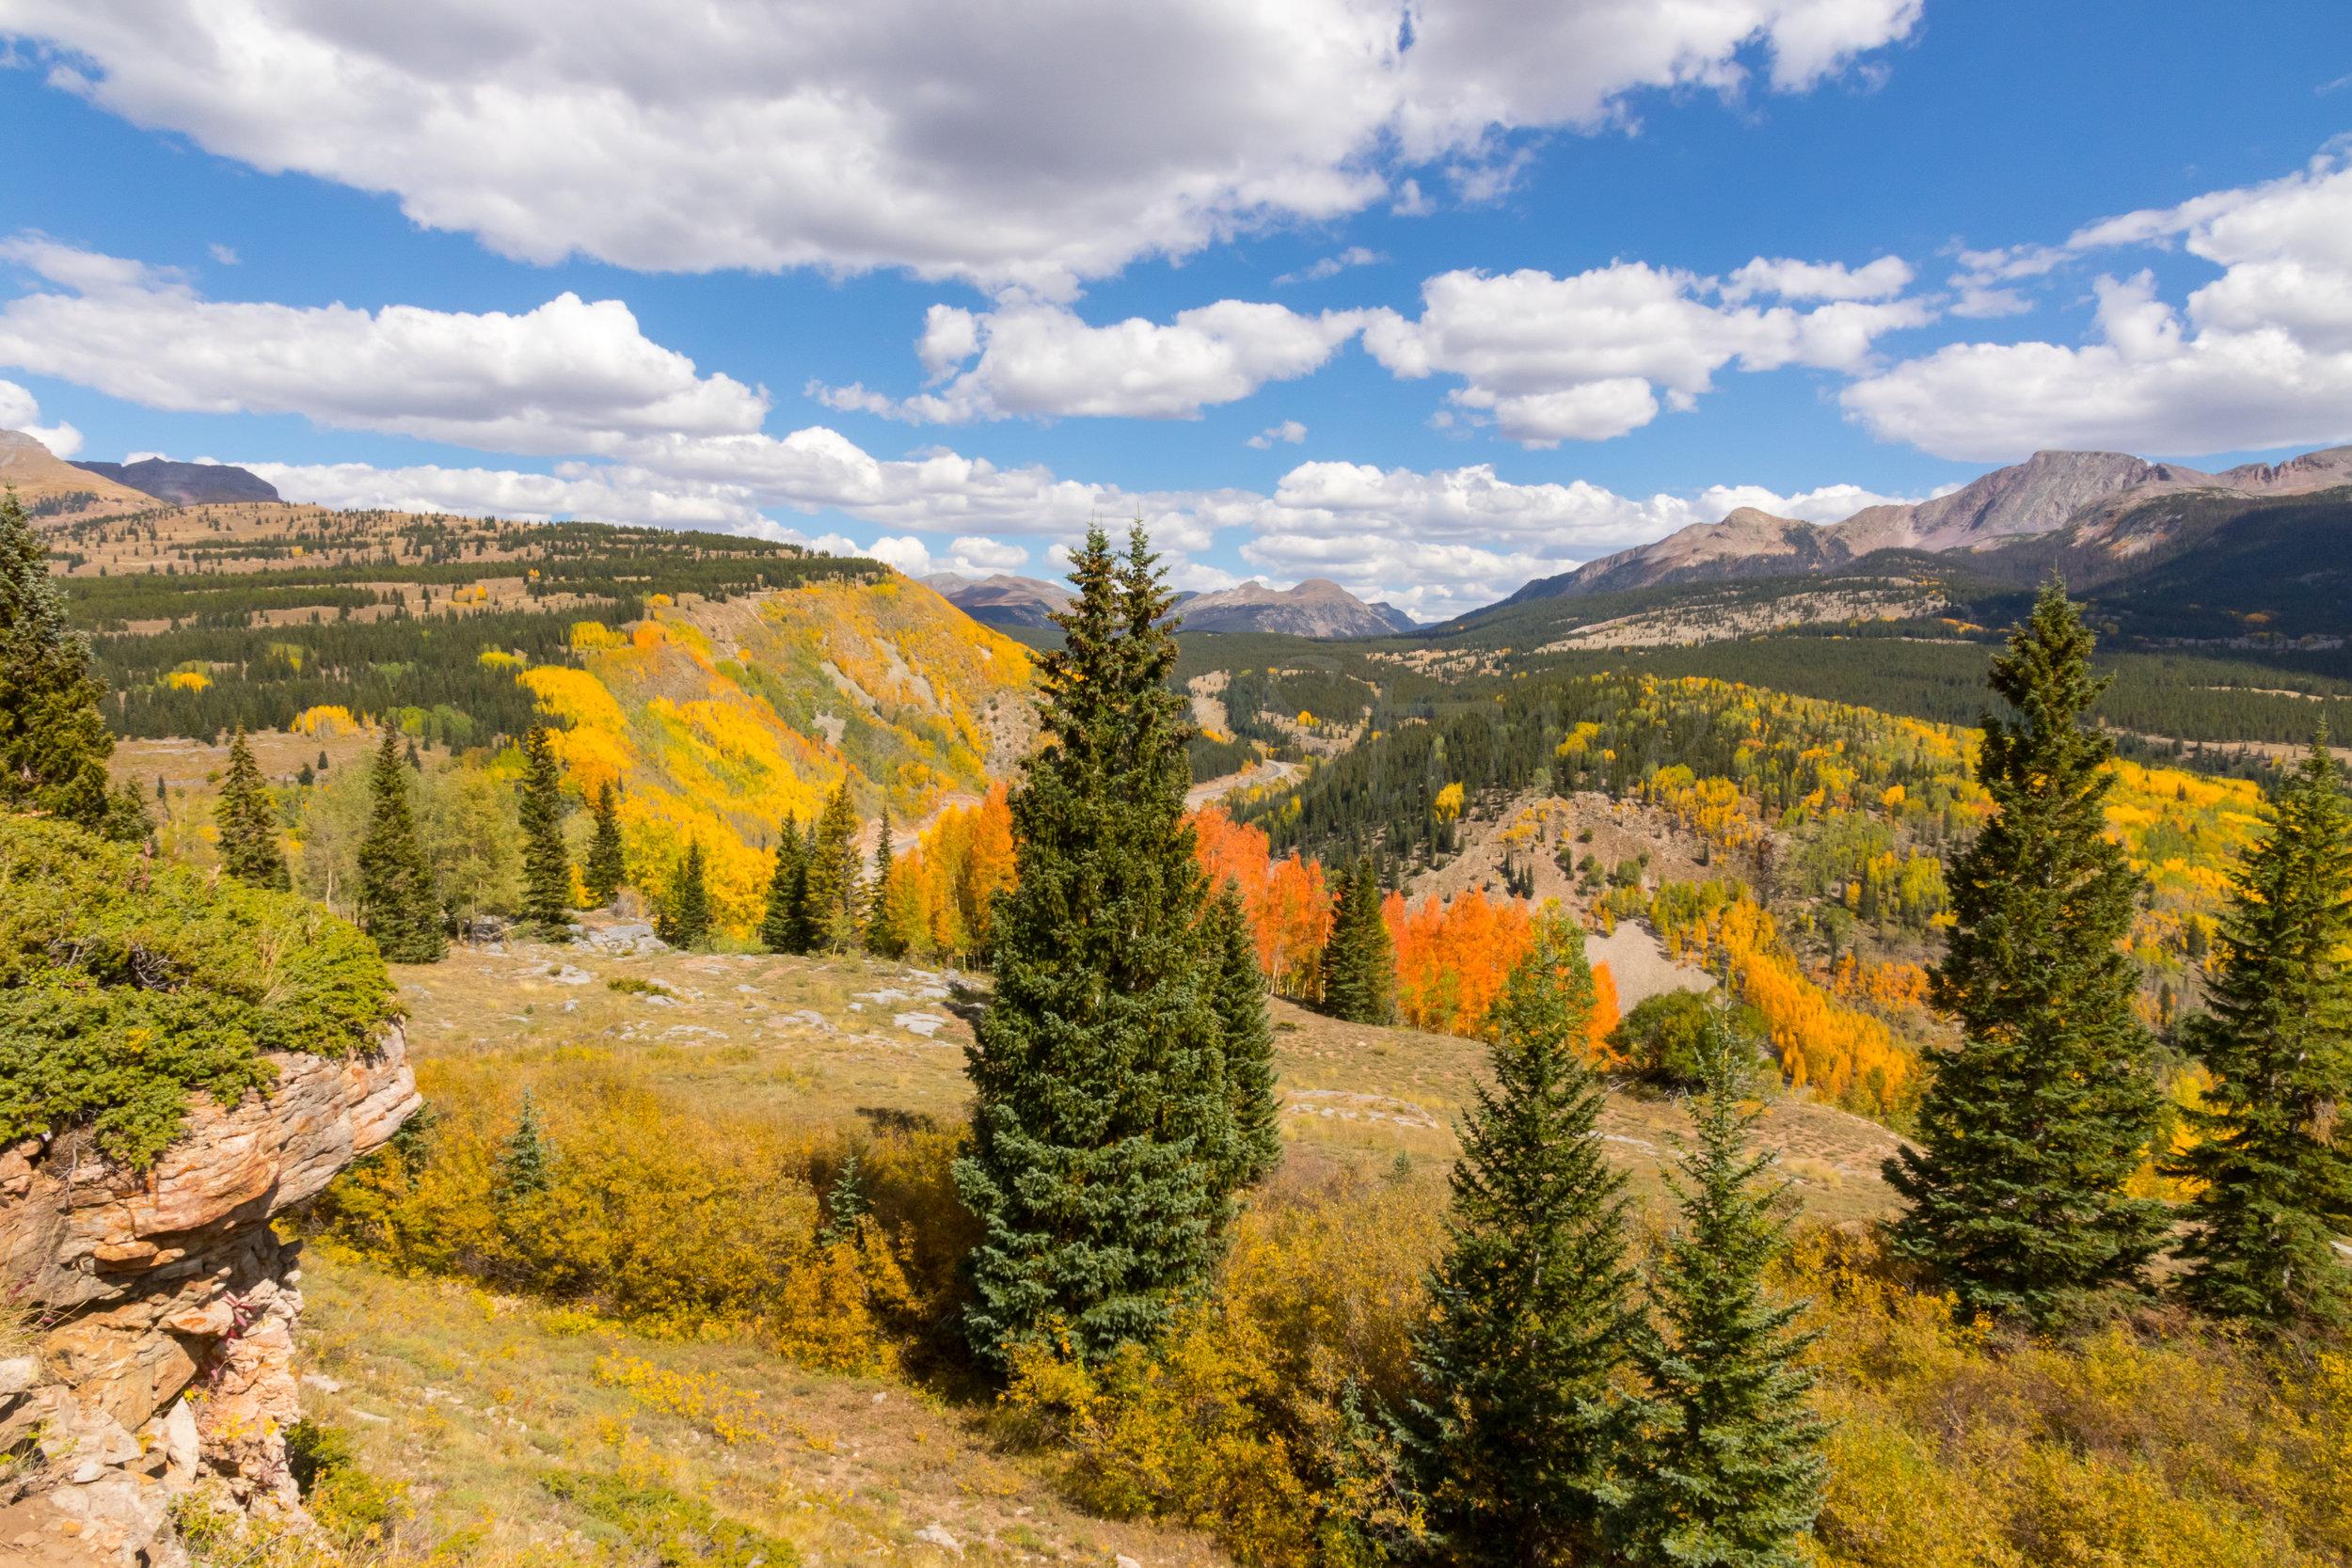 Deer Creek, Image # 7556